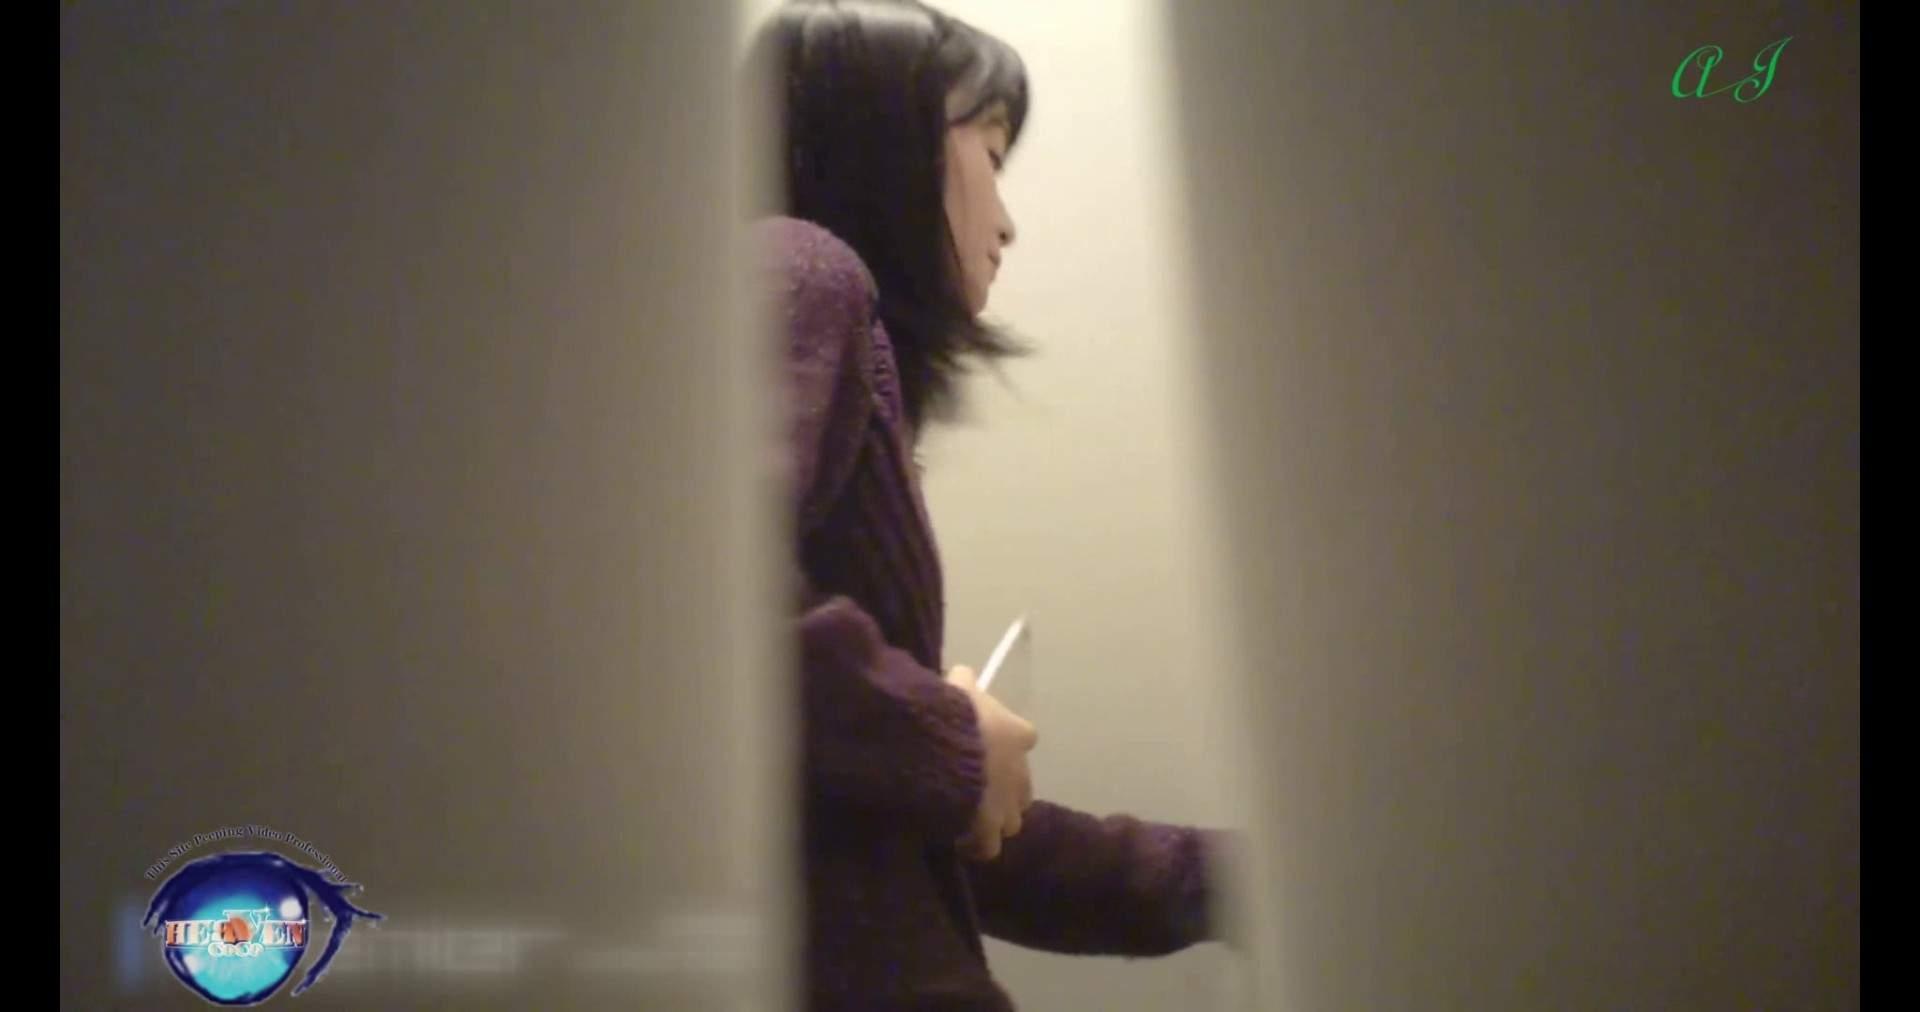 【某有名大学女性洗面所】有名大学女性洗面所 vol.74 前編 潜入突撃 性交動画流出 77pic 43